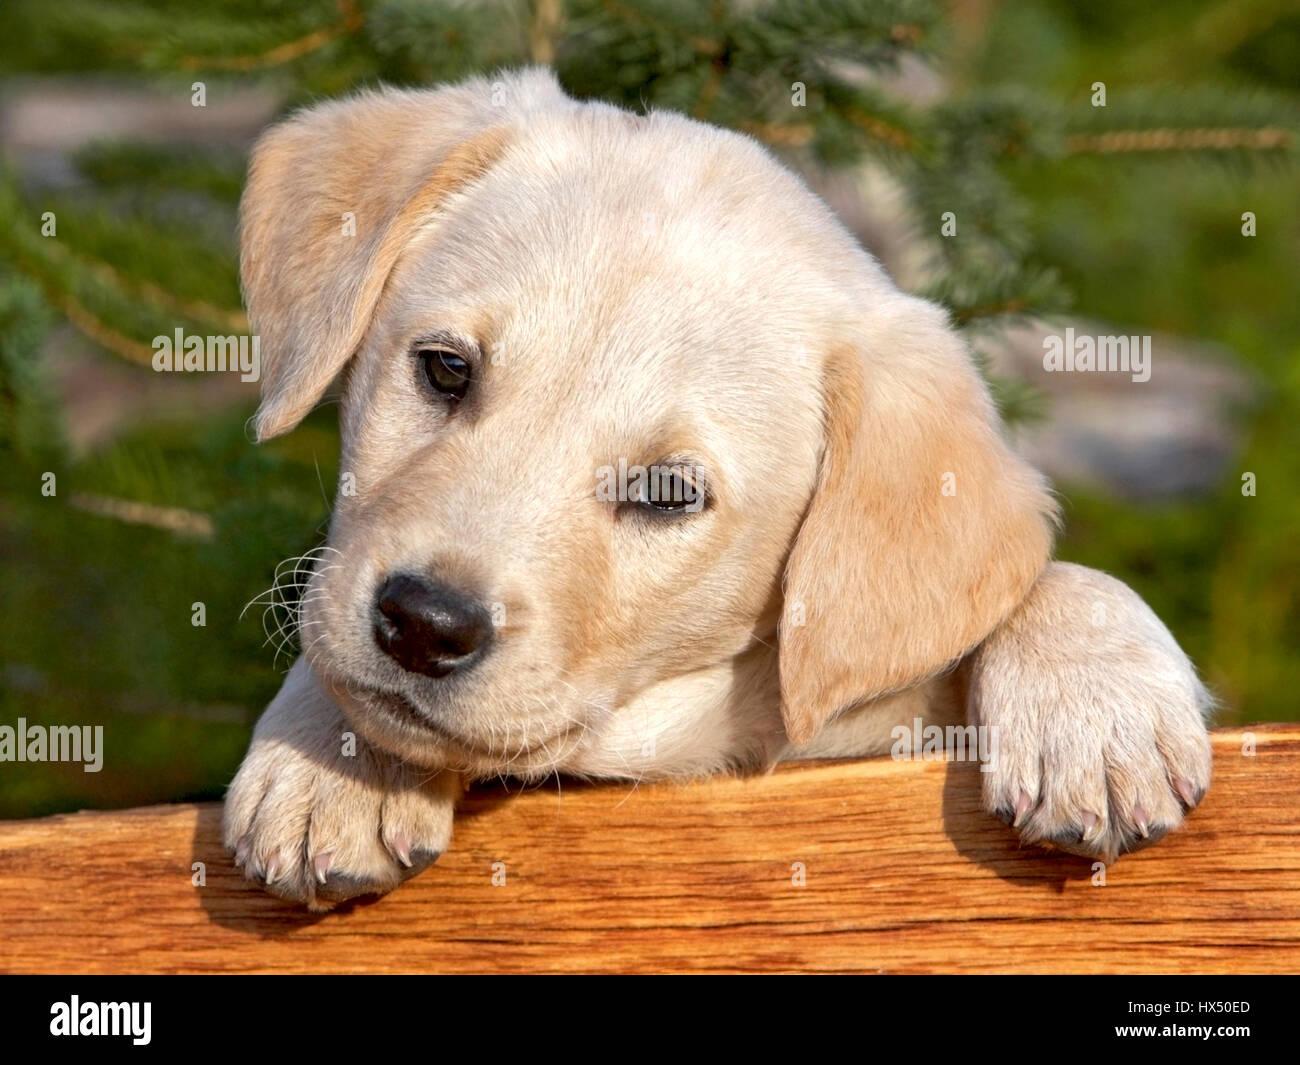 Niedlichen gelben Labrador Retriever Welpen suchen hinter einem hölzernen Brett. Stockfoto